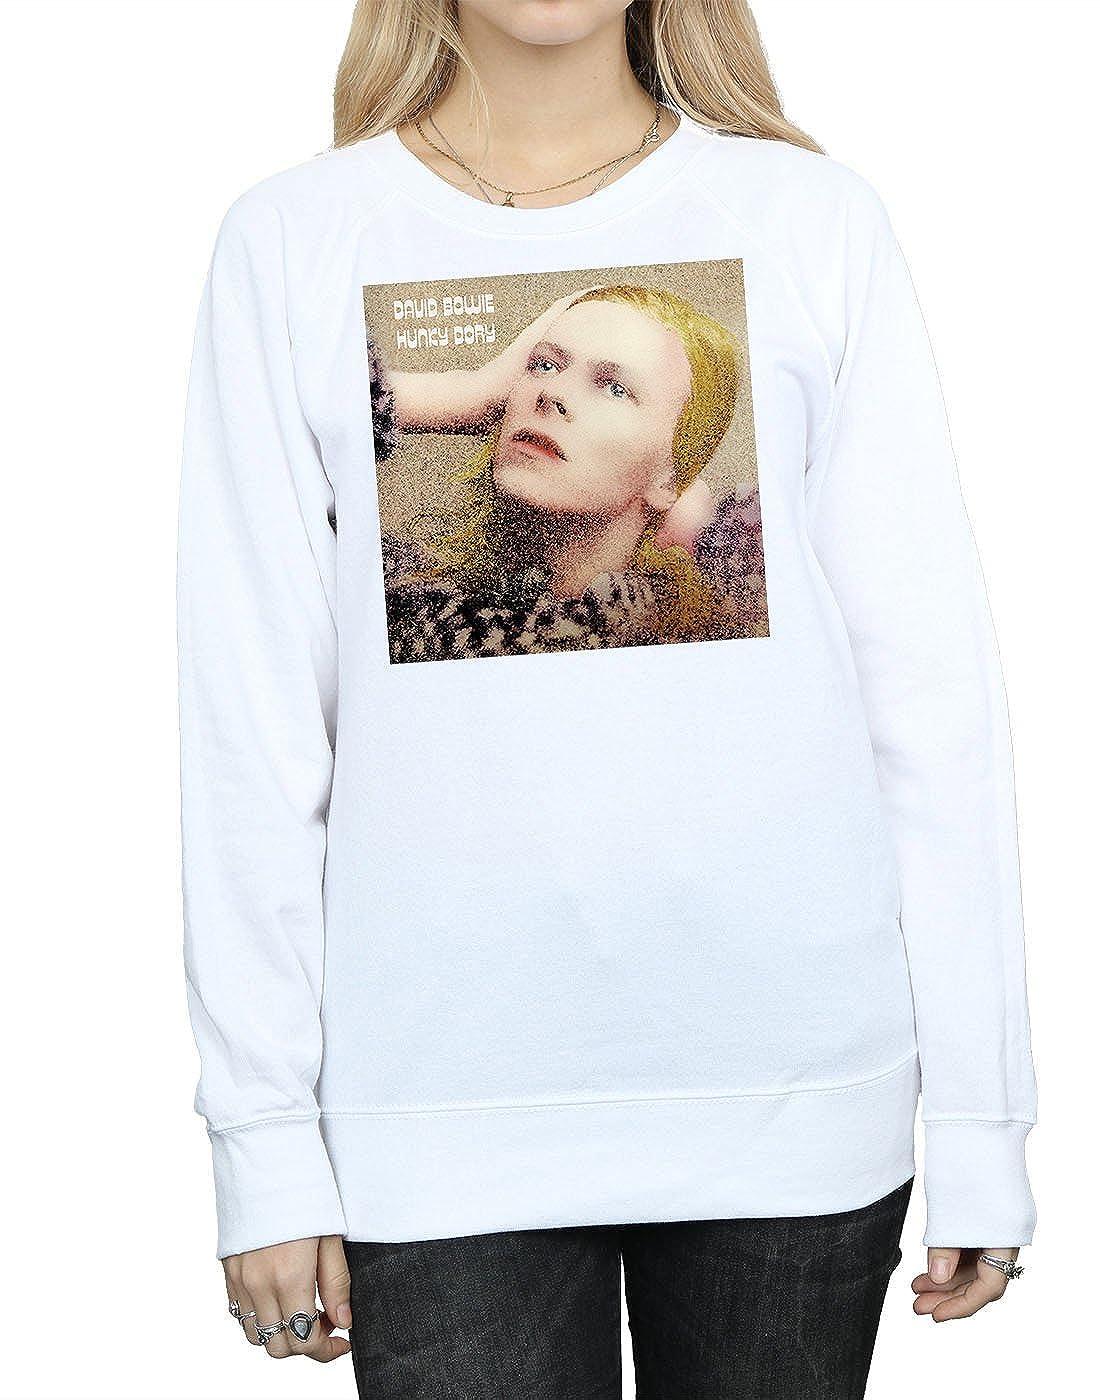 946cc5c7177a Absolute Cult David Bowie Femme Hunky Dory Album Cover Sweat-Shirt   Amazon.fr  Vêtements et accessoires